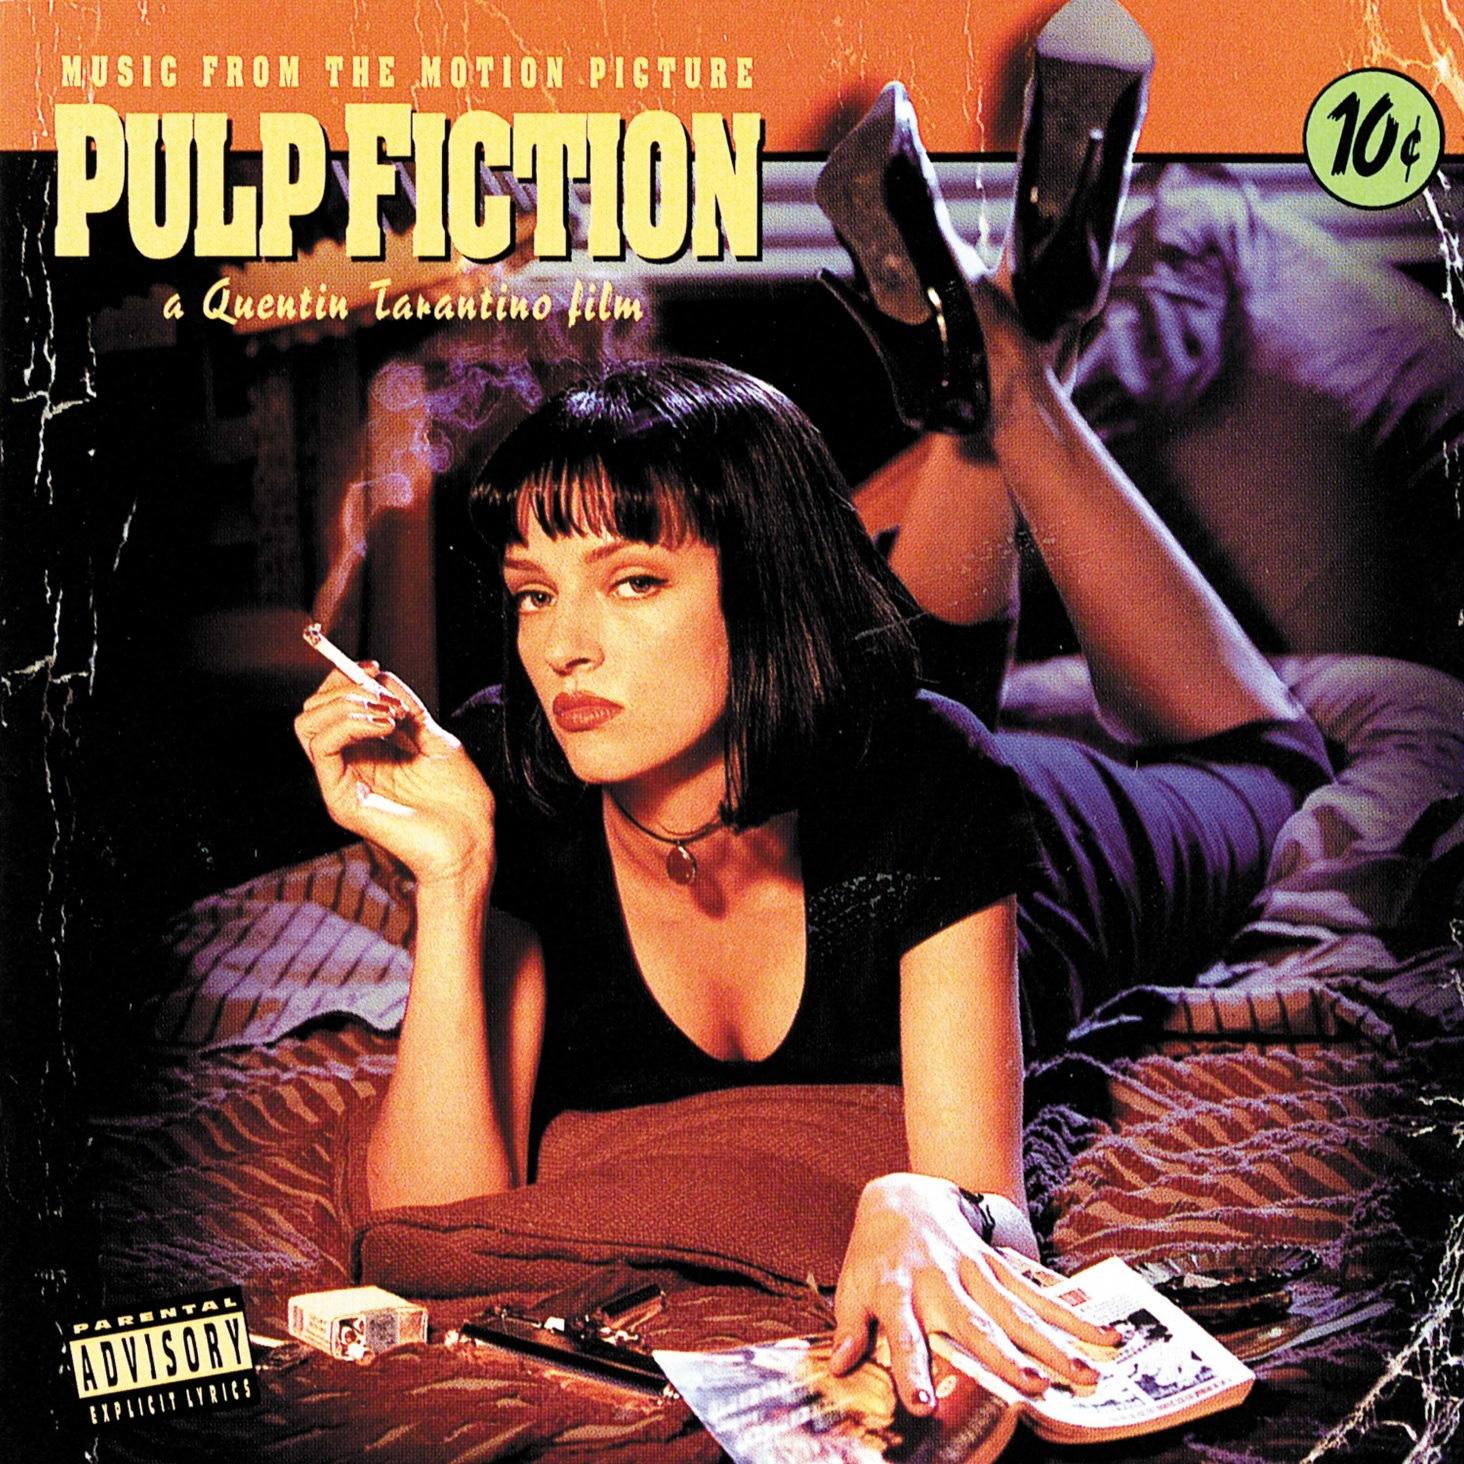 pulp fiction vinyle